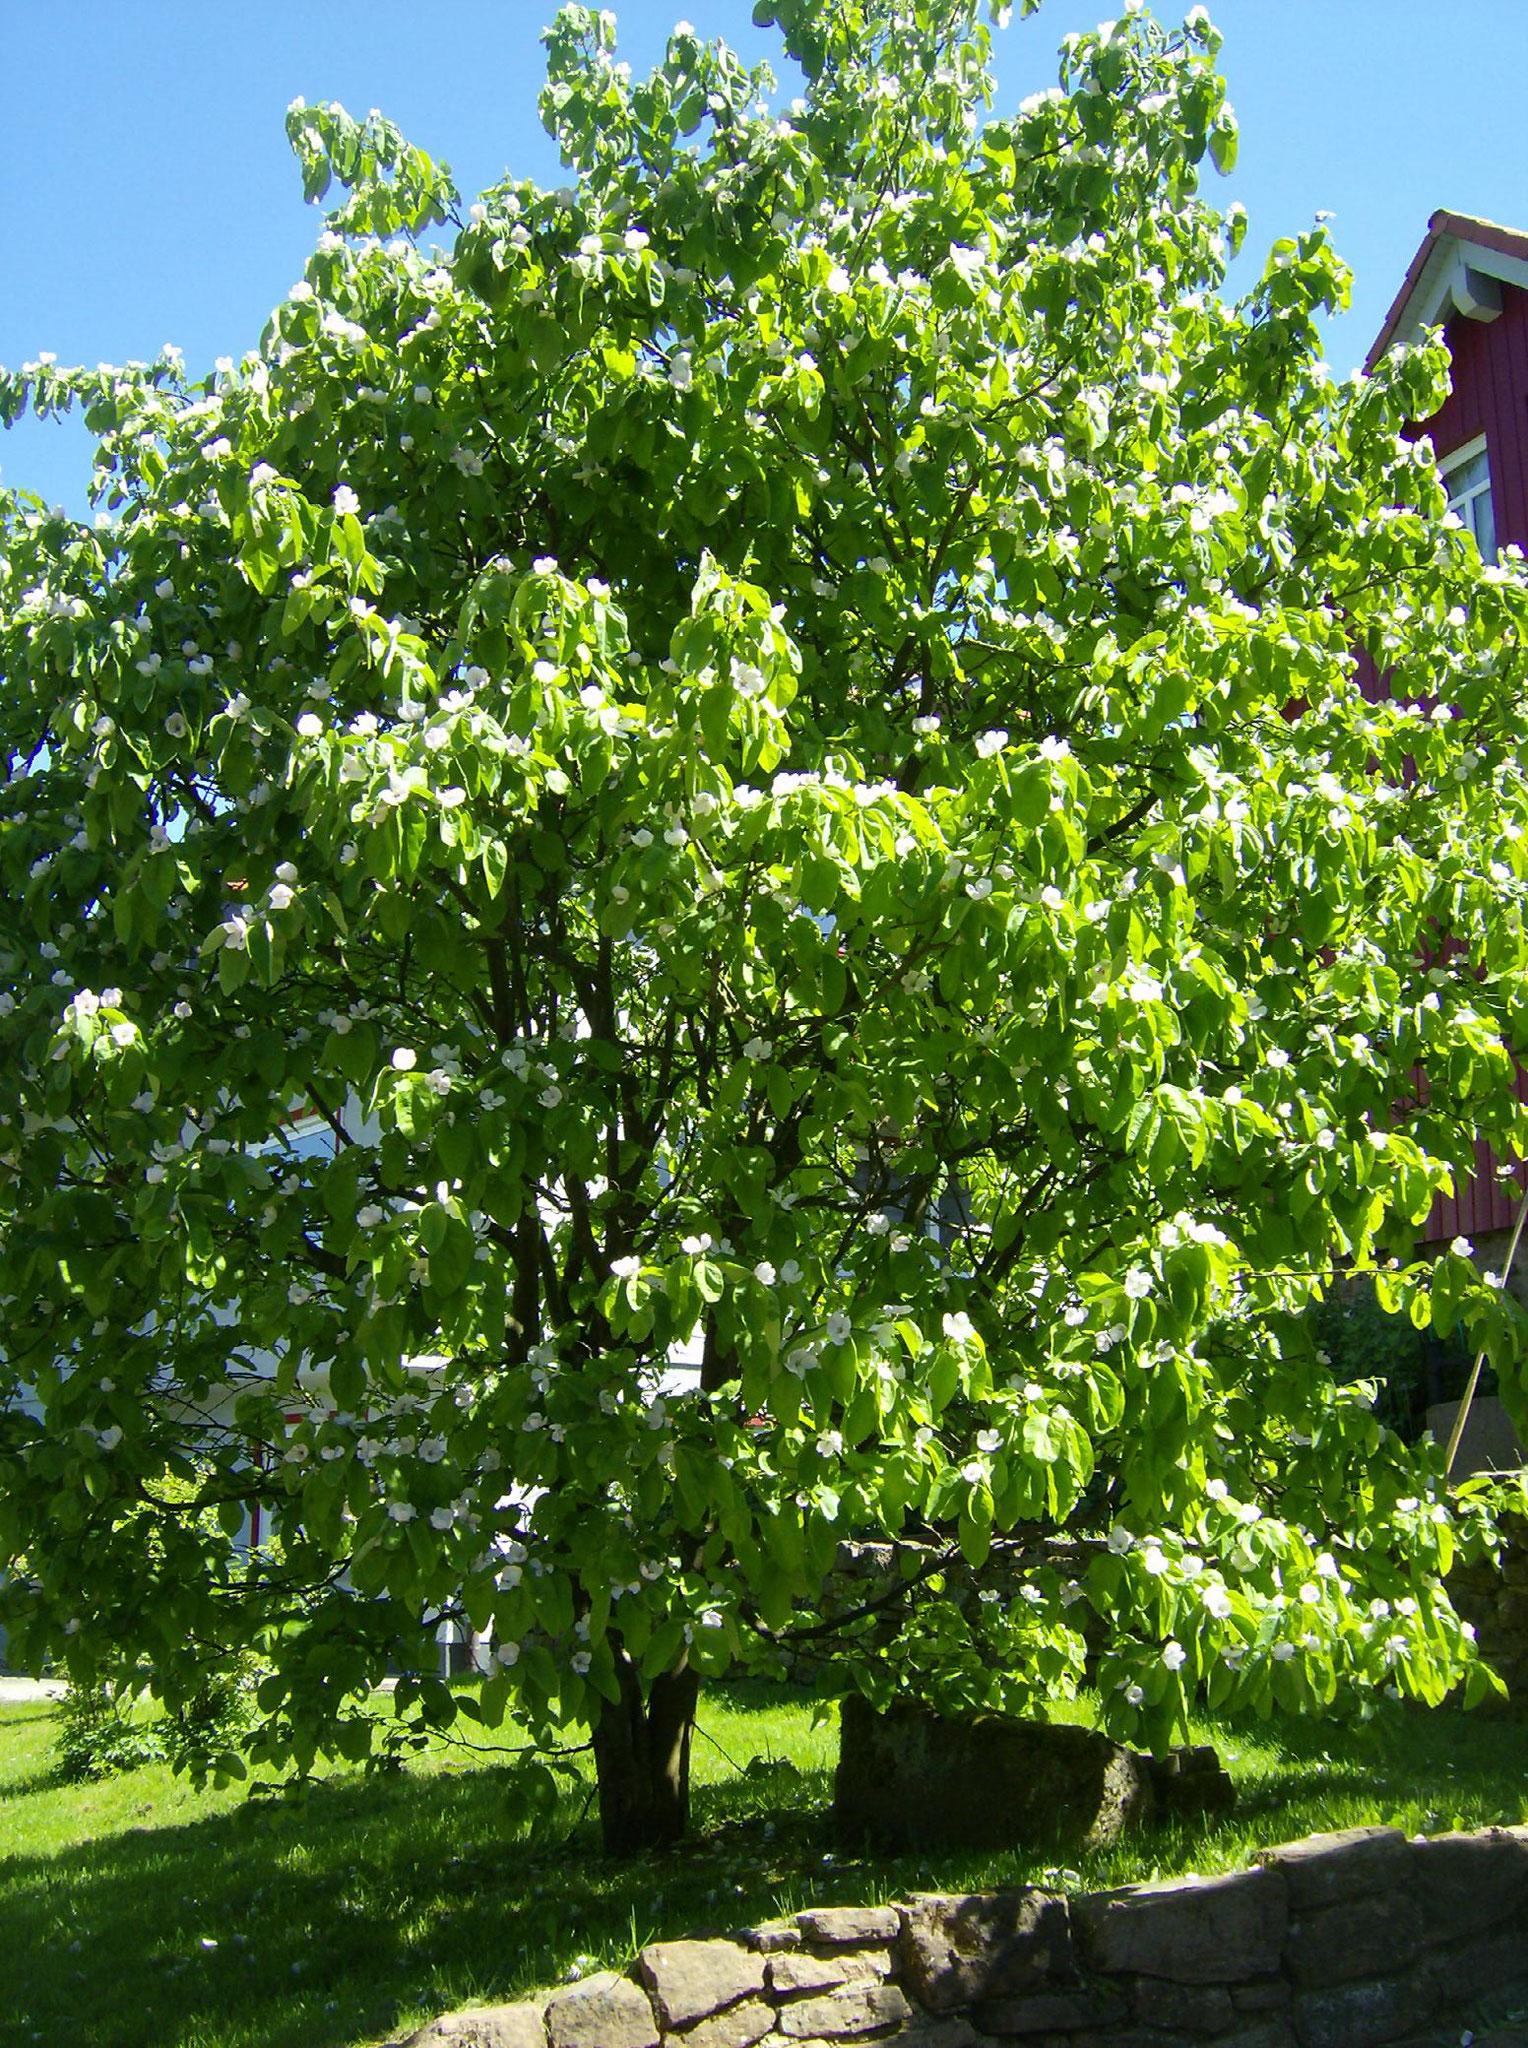 Quittenblüten für aromatische Quittenfrüchte